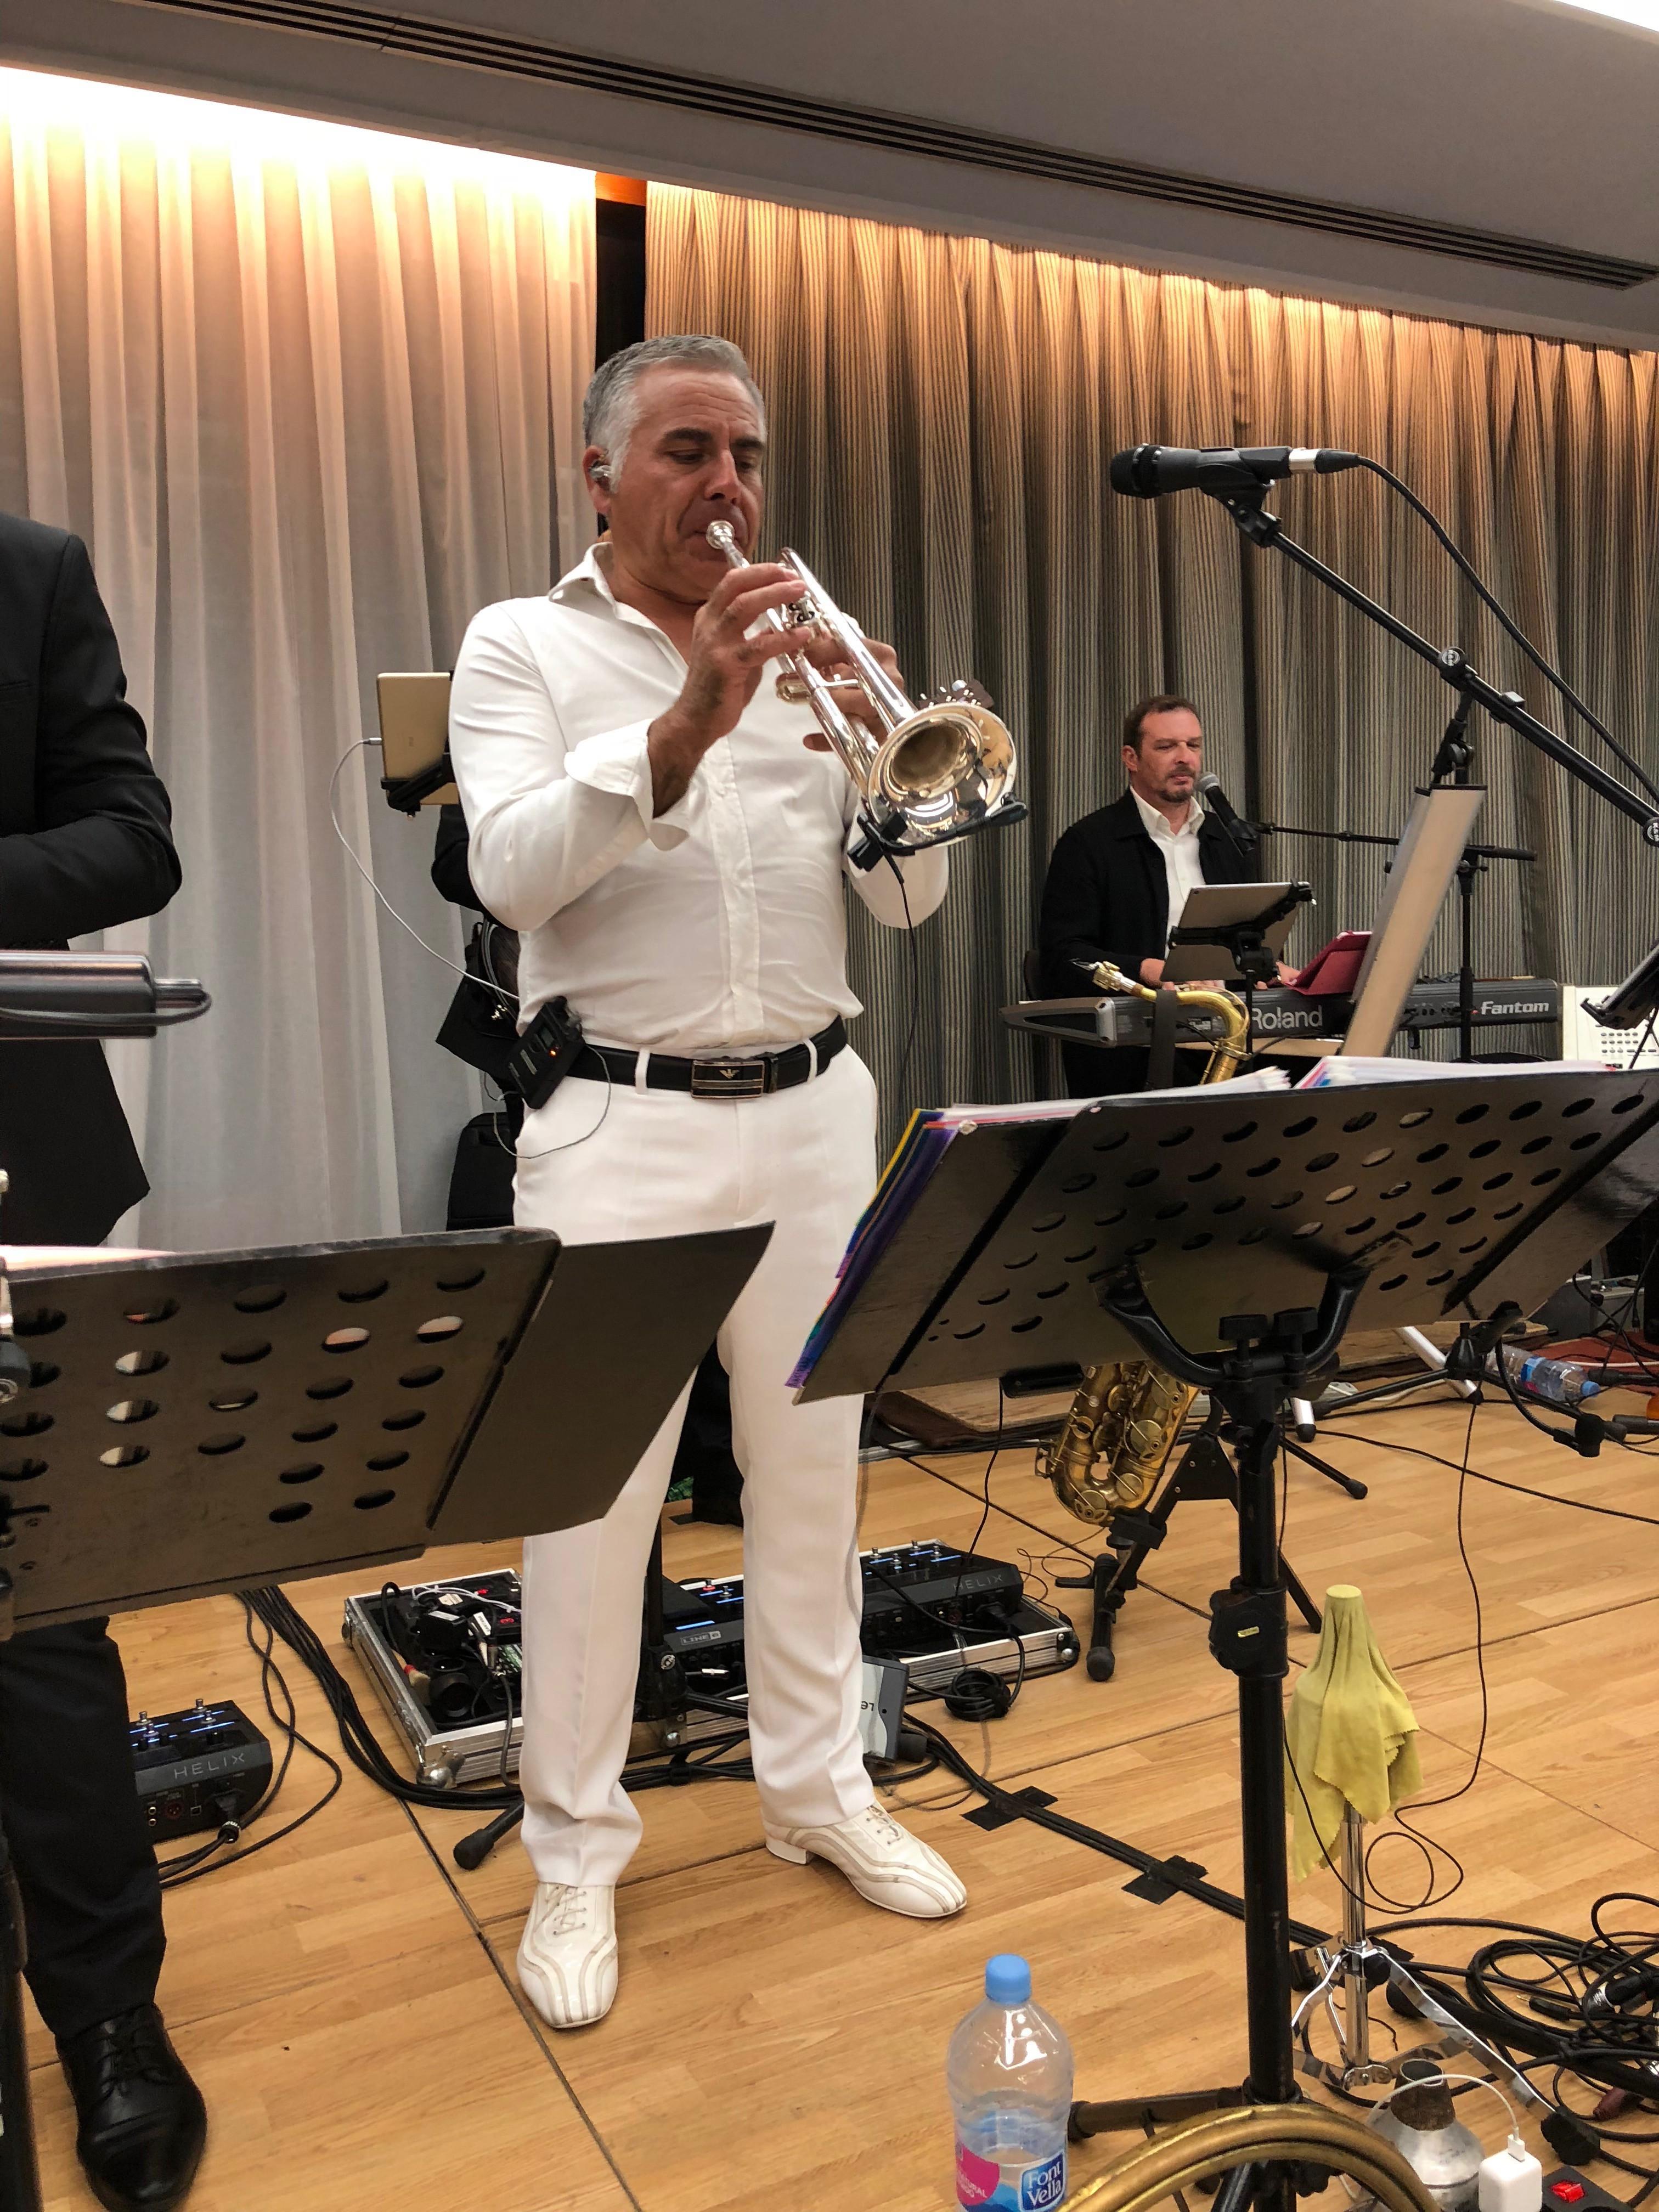 Benicassim 2018 - Aldo sur scène